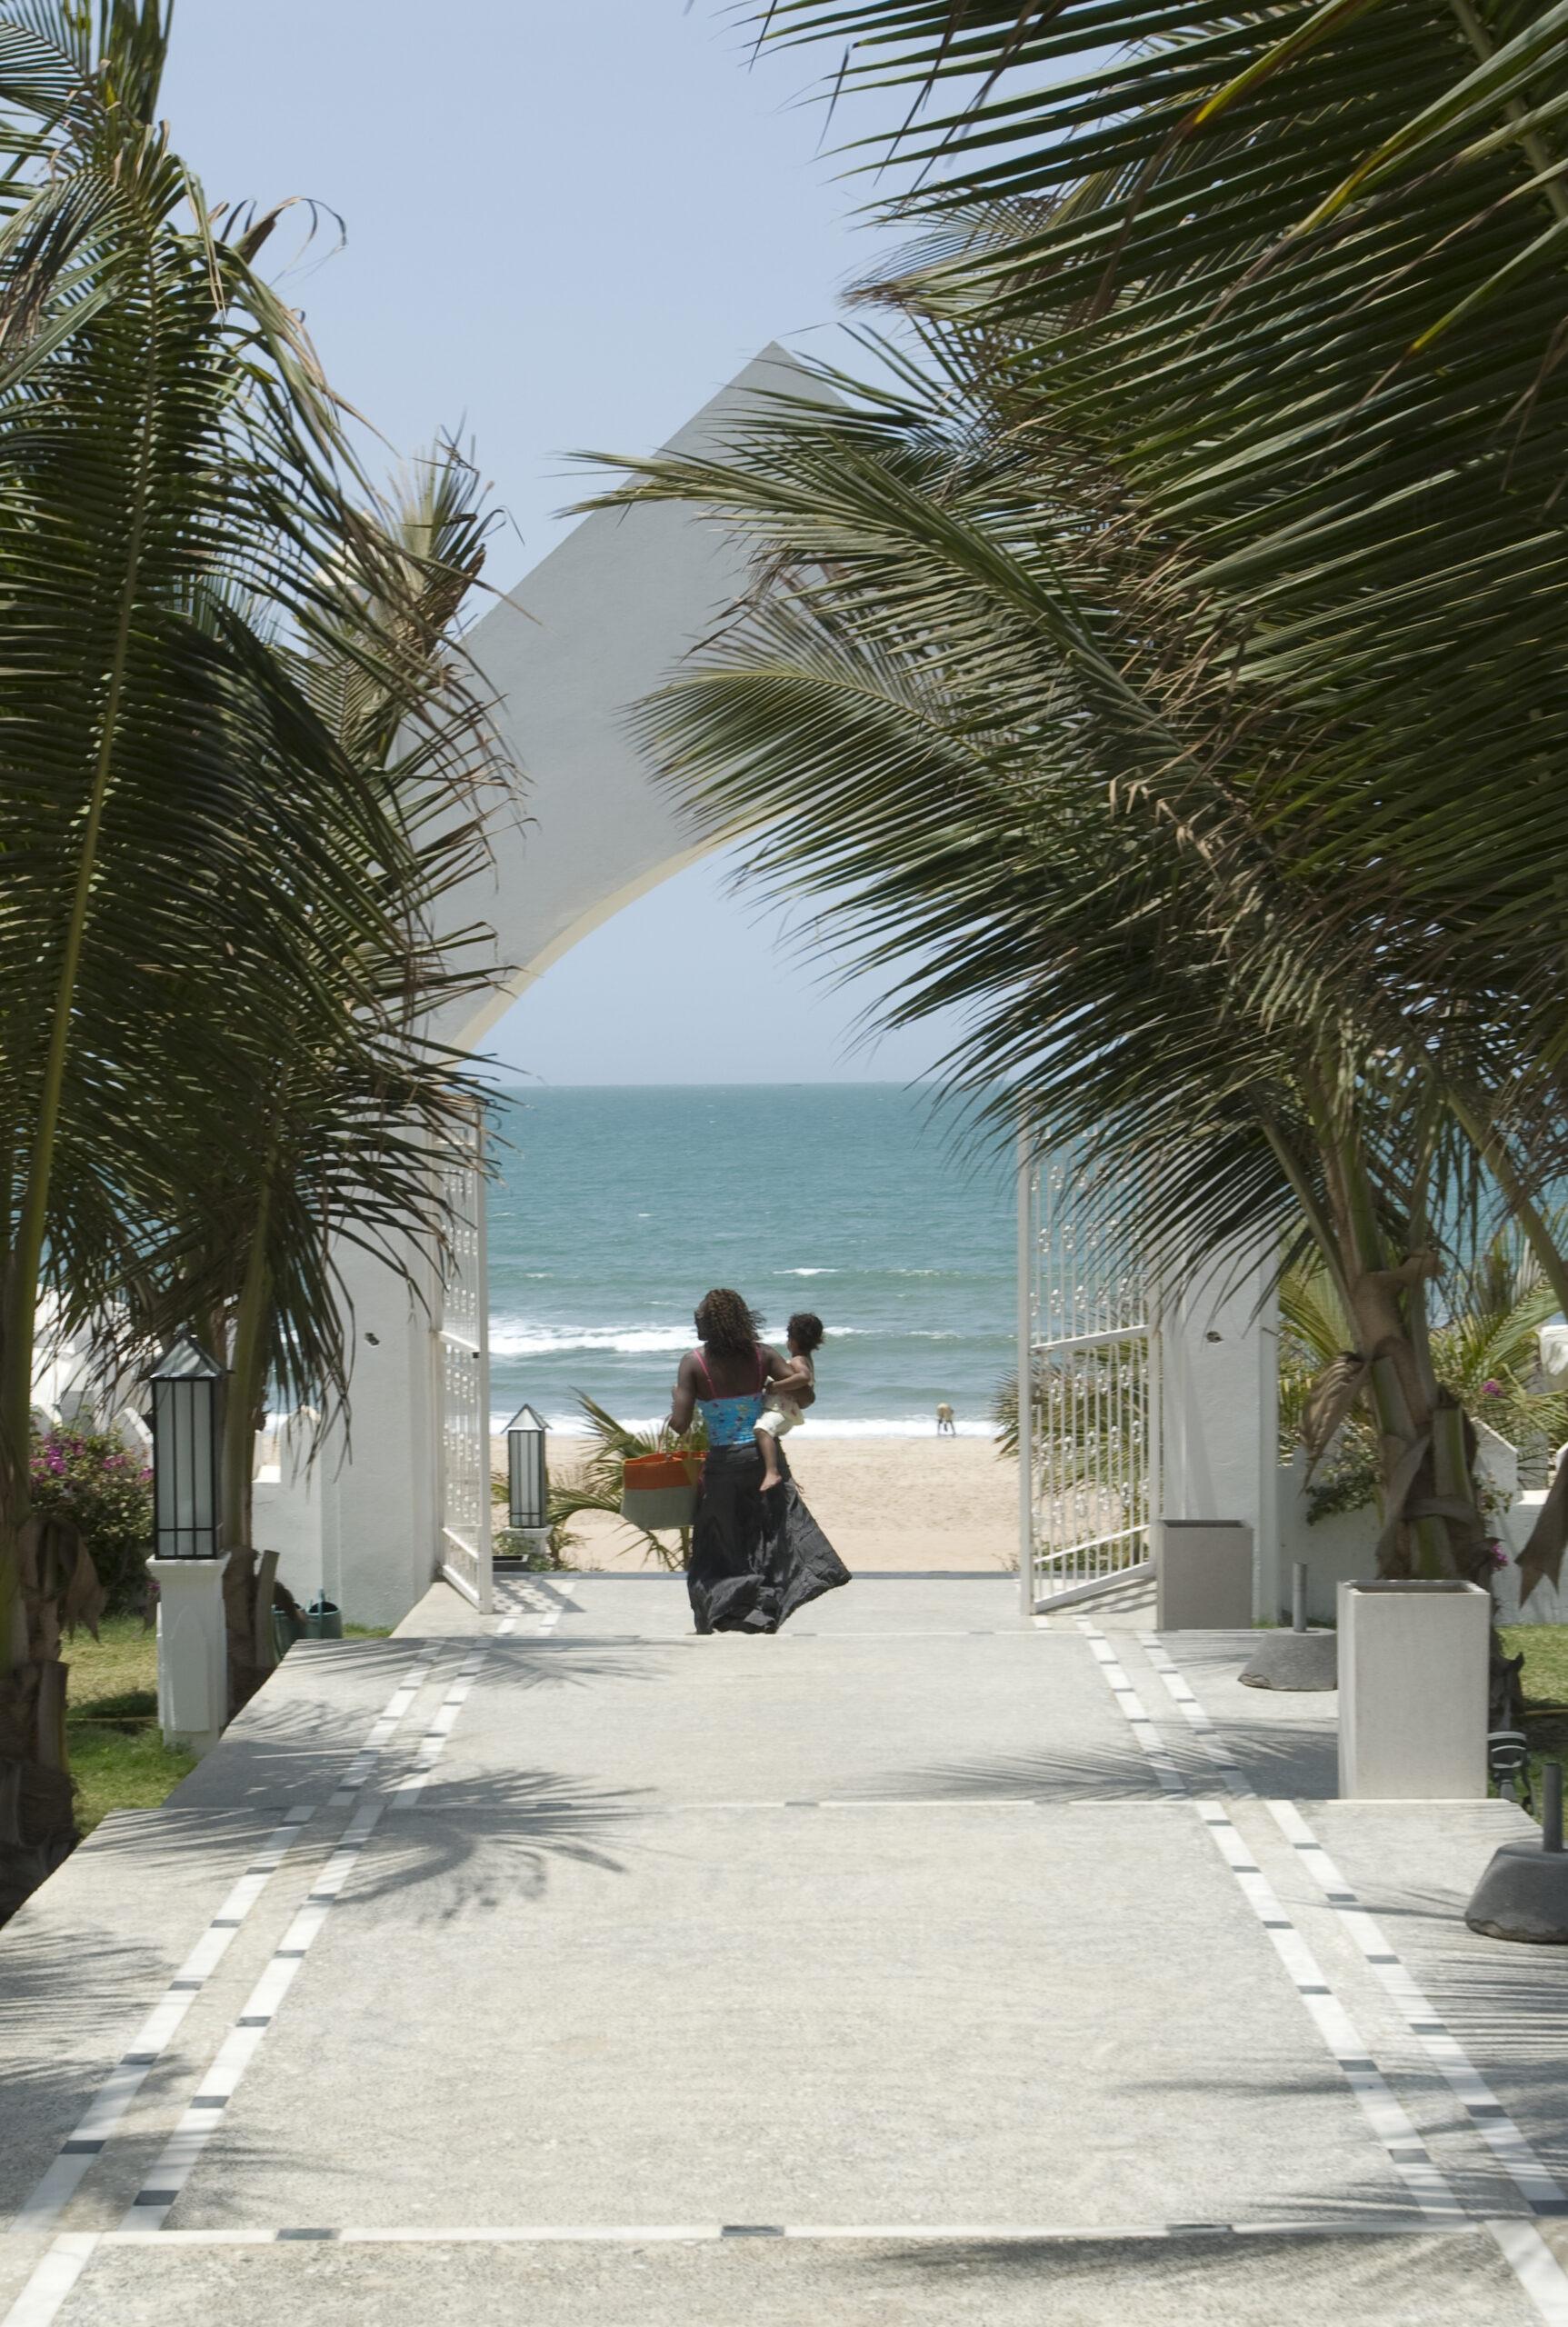 Walking to the beach scaled - Warum Gambia und das Coco Ocean Resort & Spa im Winter 2021/22 meine Reiseempfehlung Nummer 1 sind?